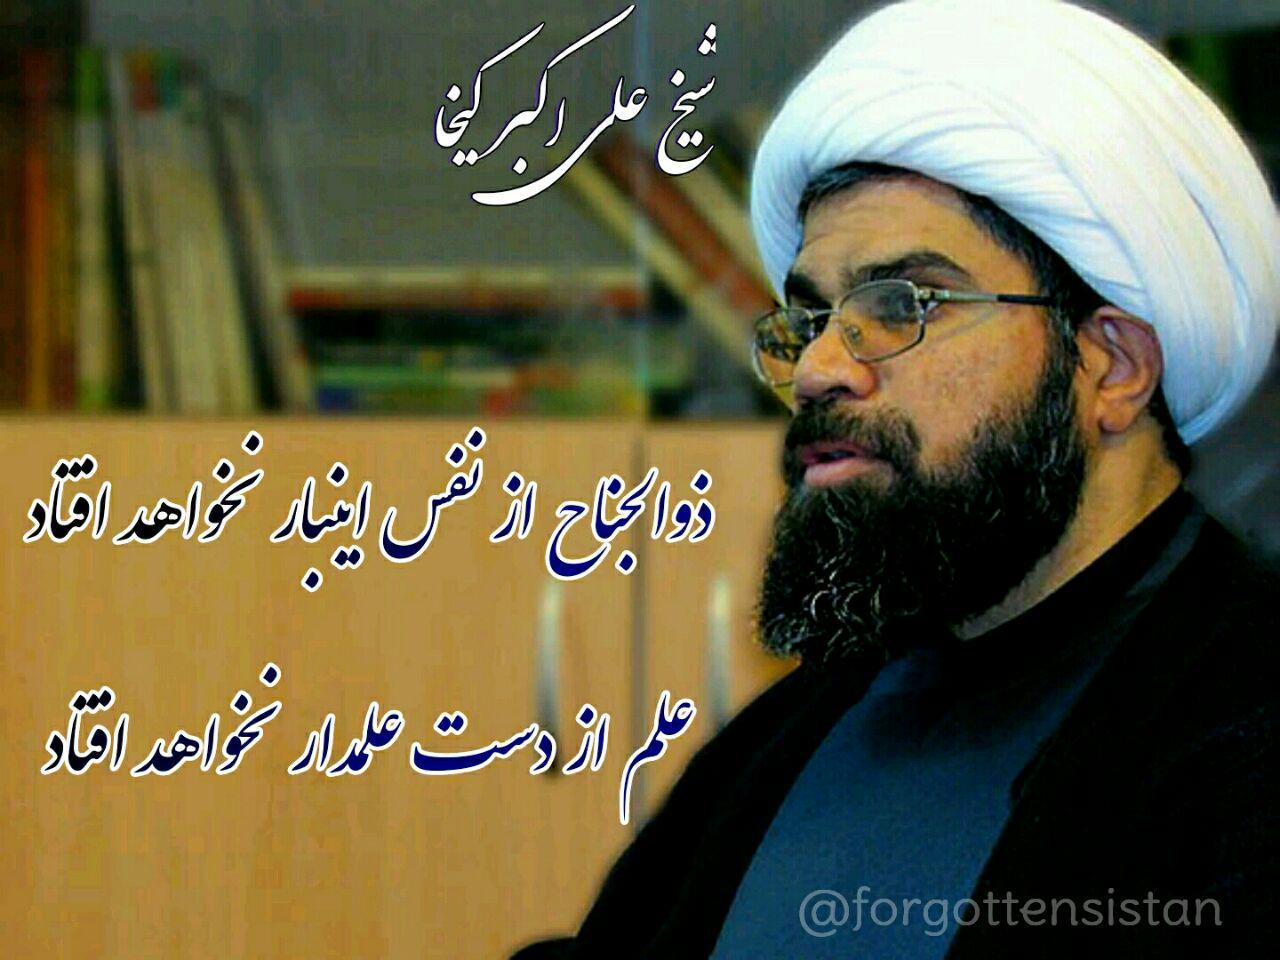 امام جمعه ای که فراتر از پیرامونش می اندیشد